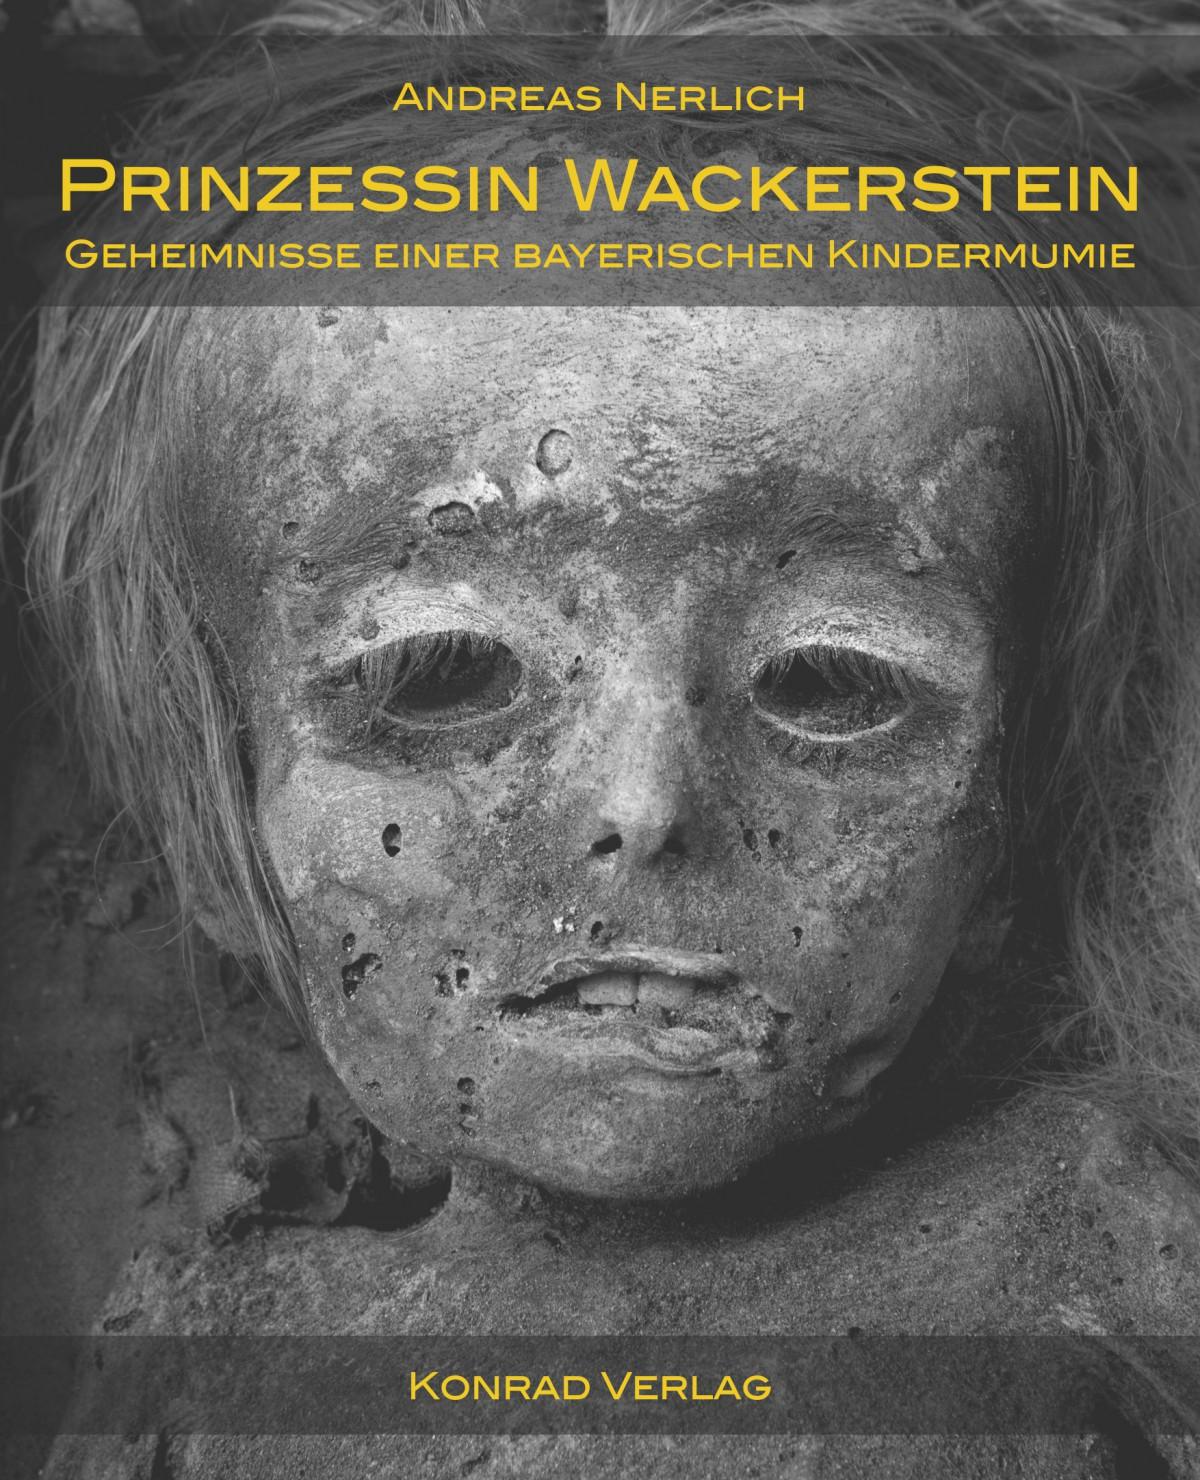 Nerlich Andreas - Prinzessin Wackerstein